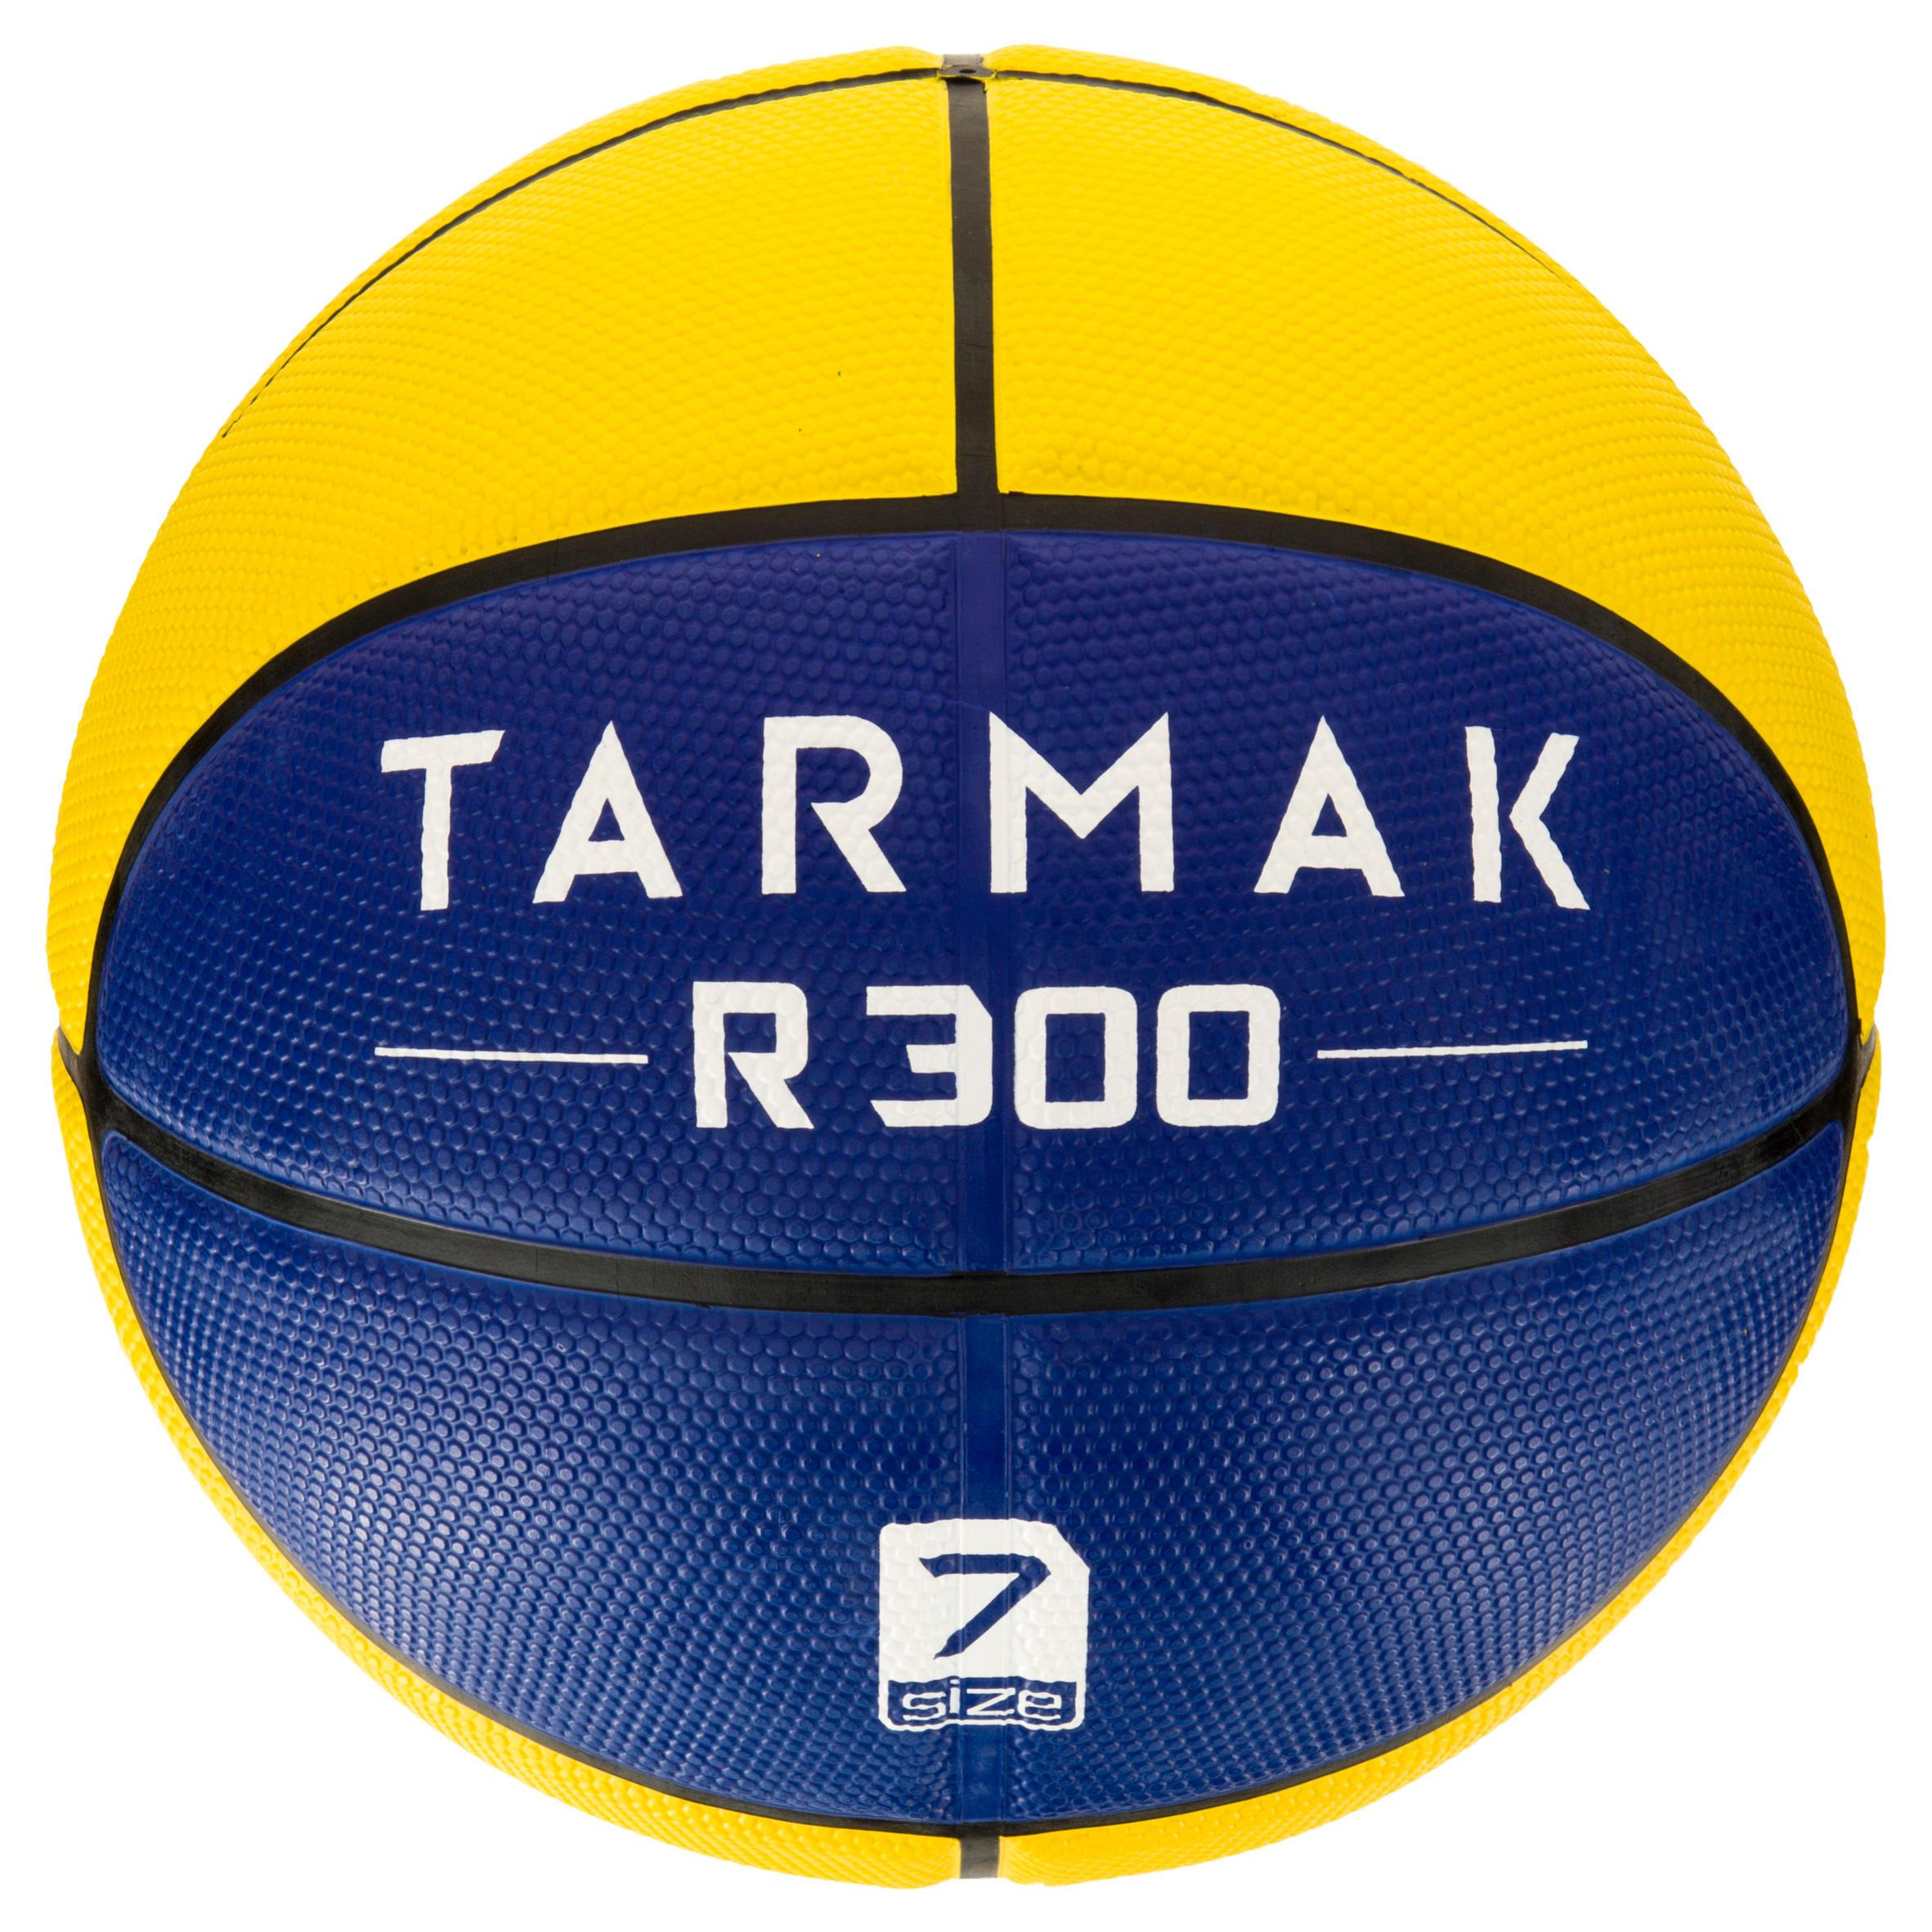 Tarmak Basketbal voor heren R300 maat 7 zwart. Slijtvast. Vanaf 12 jaar.